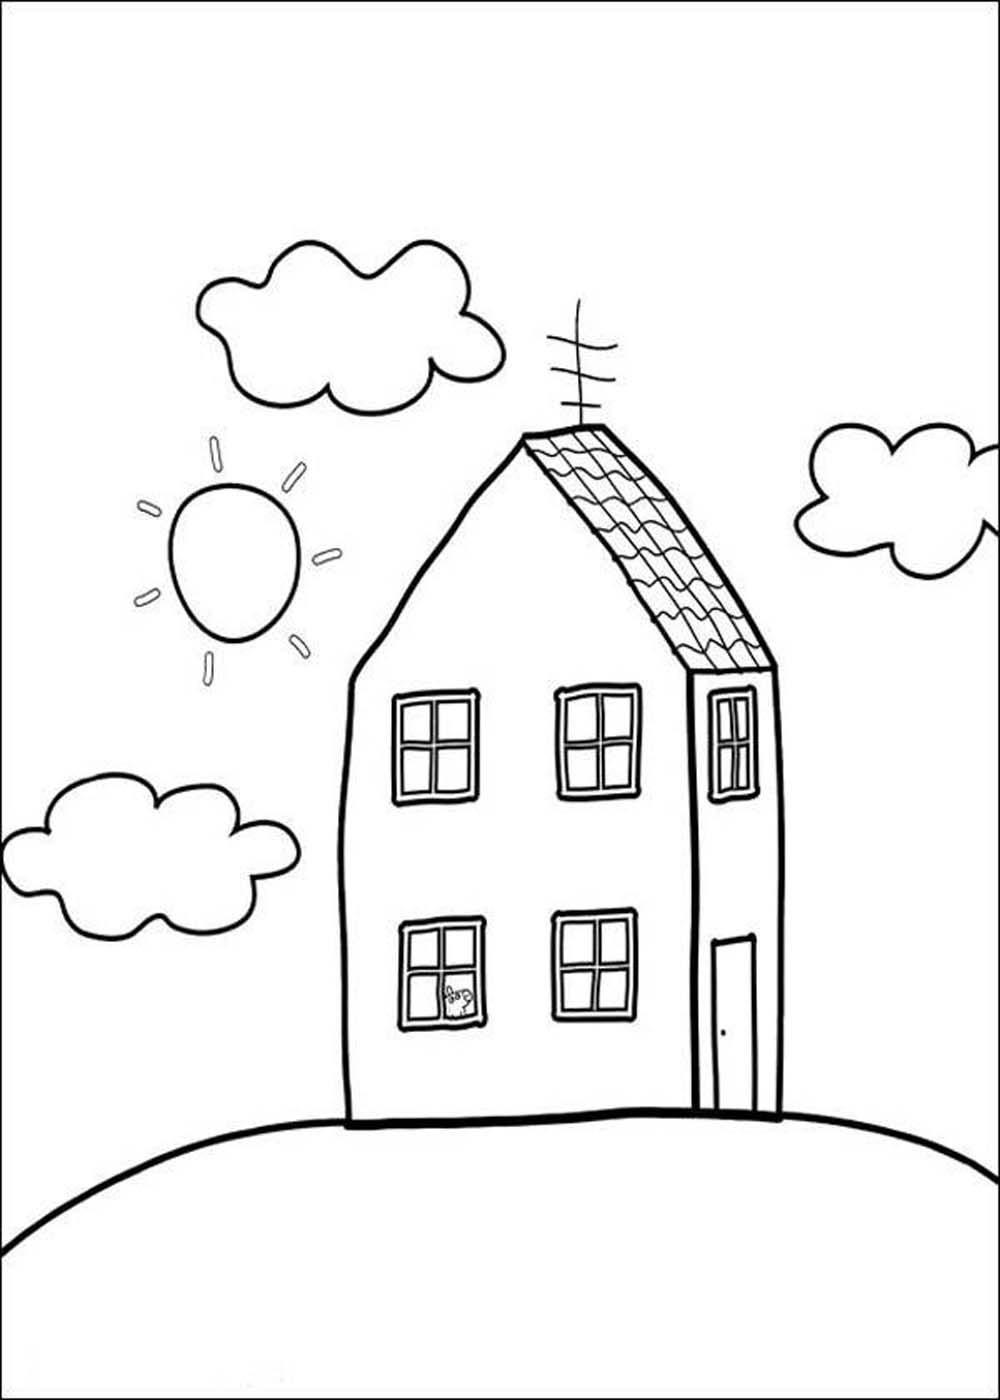 Casa de Peppa Pig para colorear | Casa de Peppa Pig para colorear